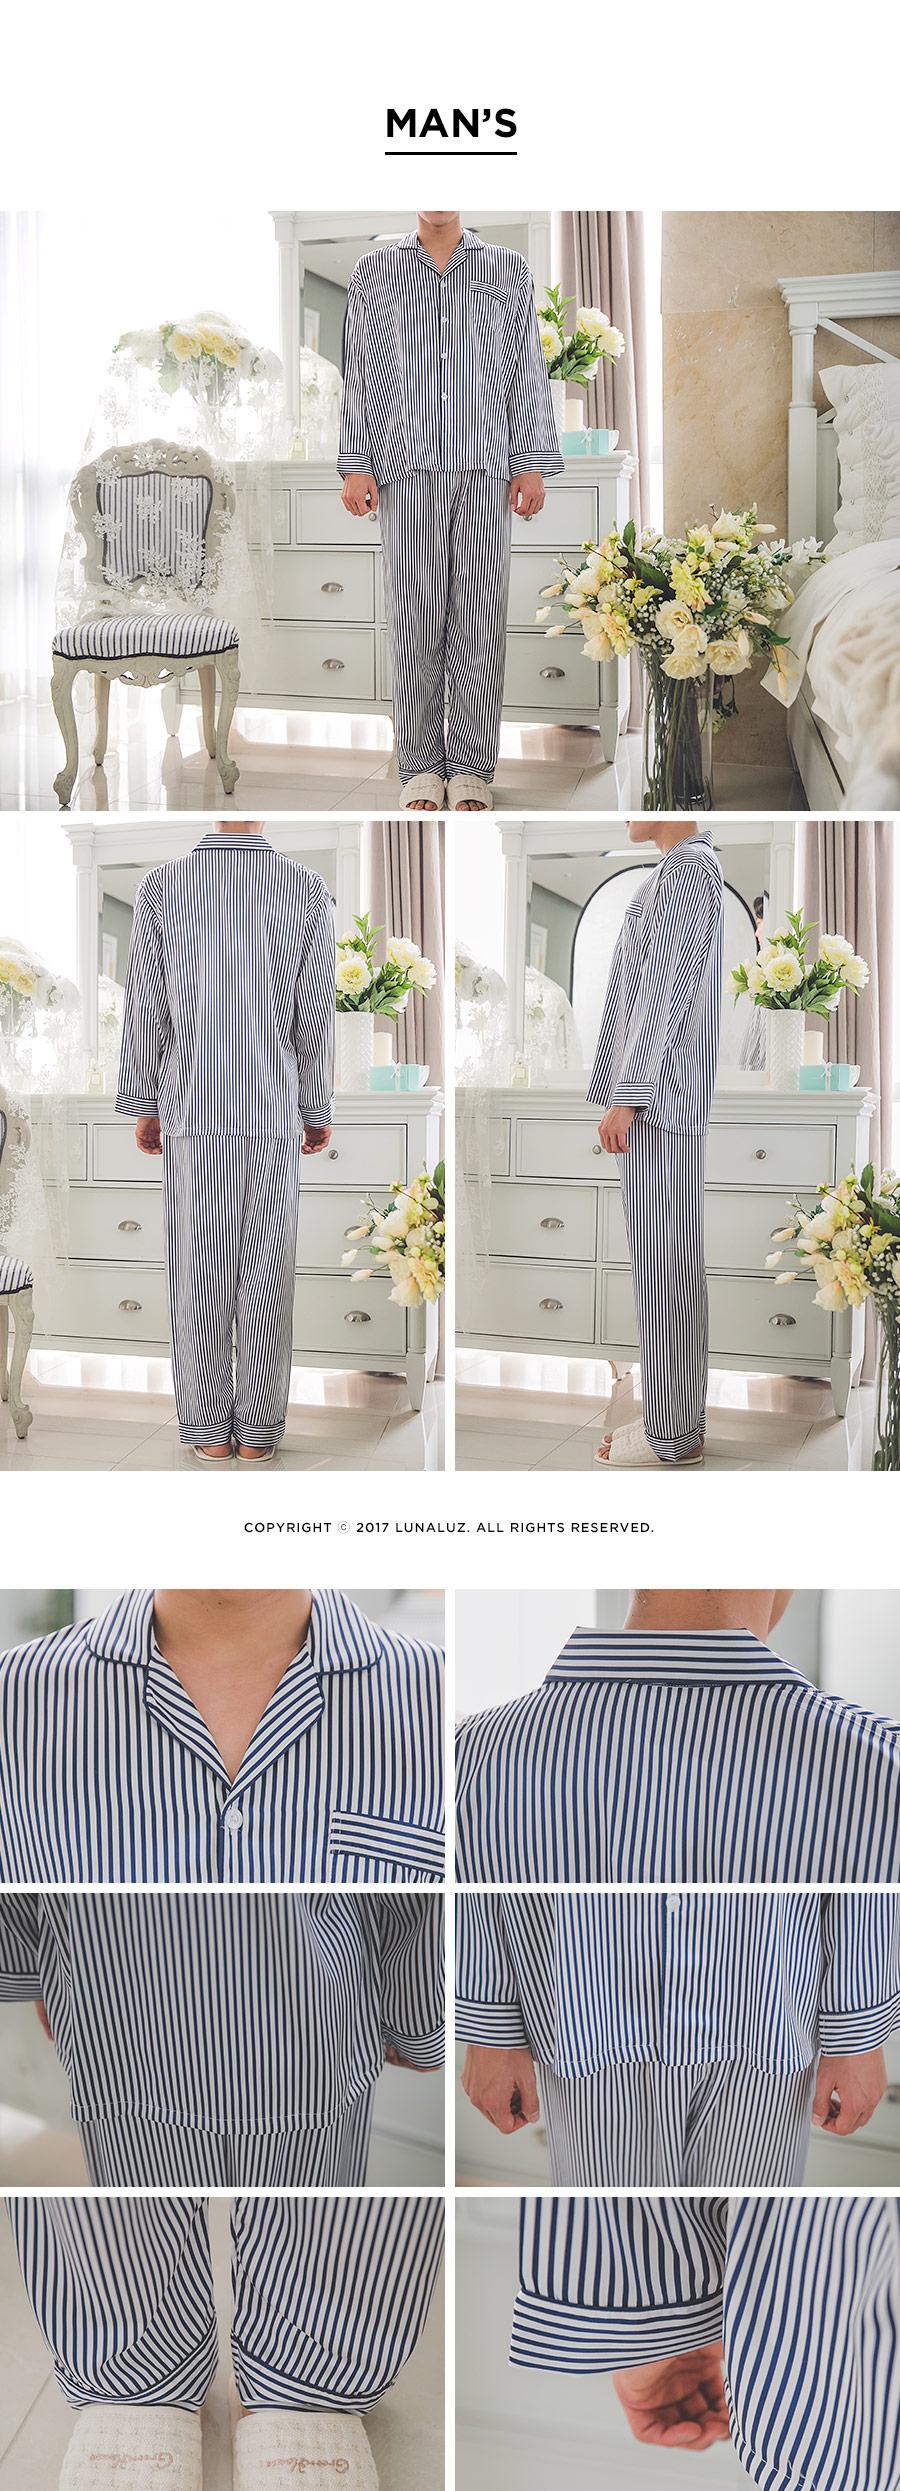 고광택 시크한 스트라이프 남성잠옷 - 쿠비카, 79,000원, 잠옷, 남성파자마